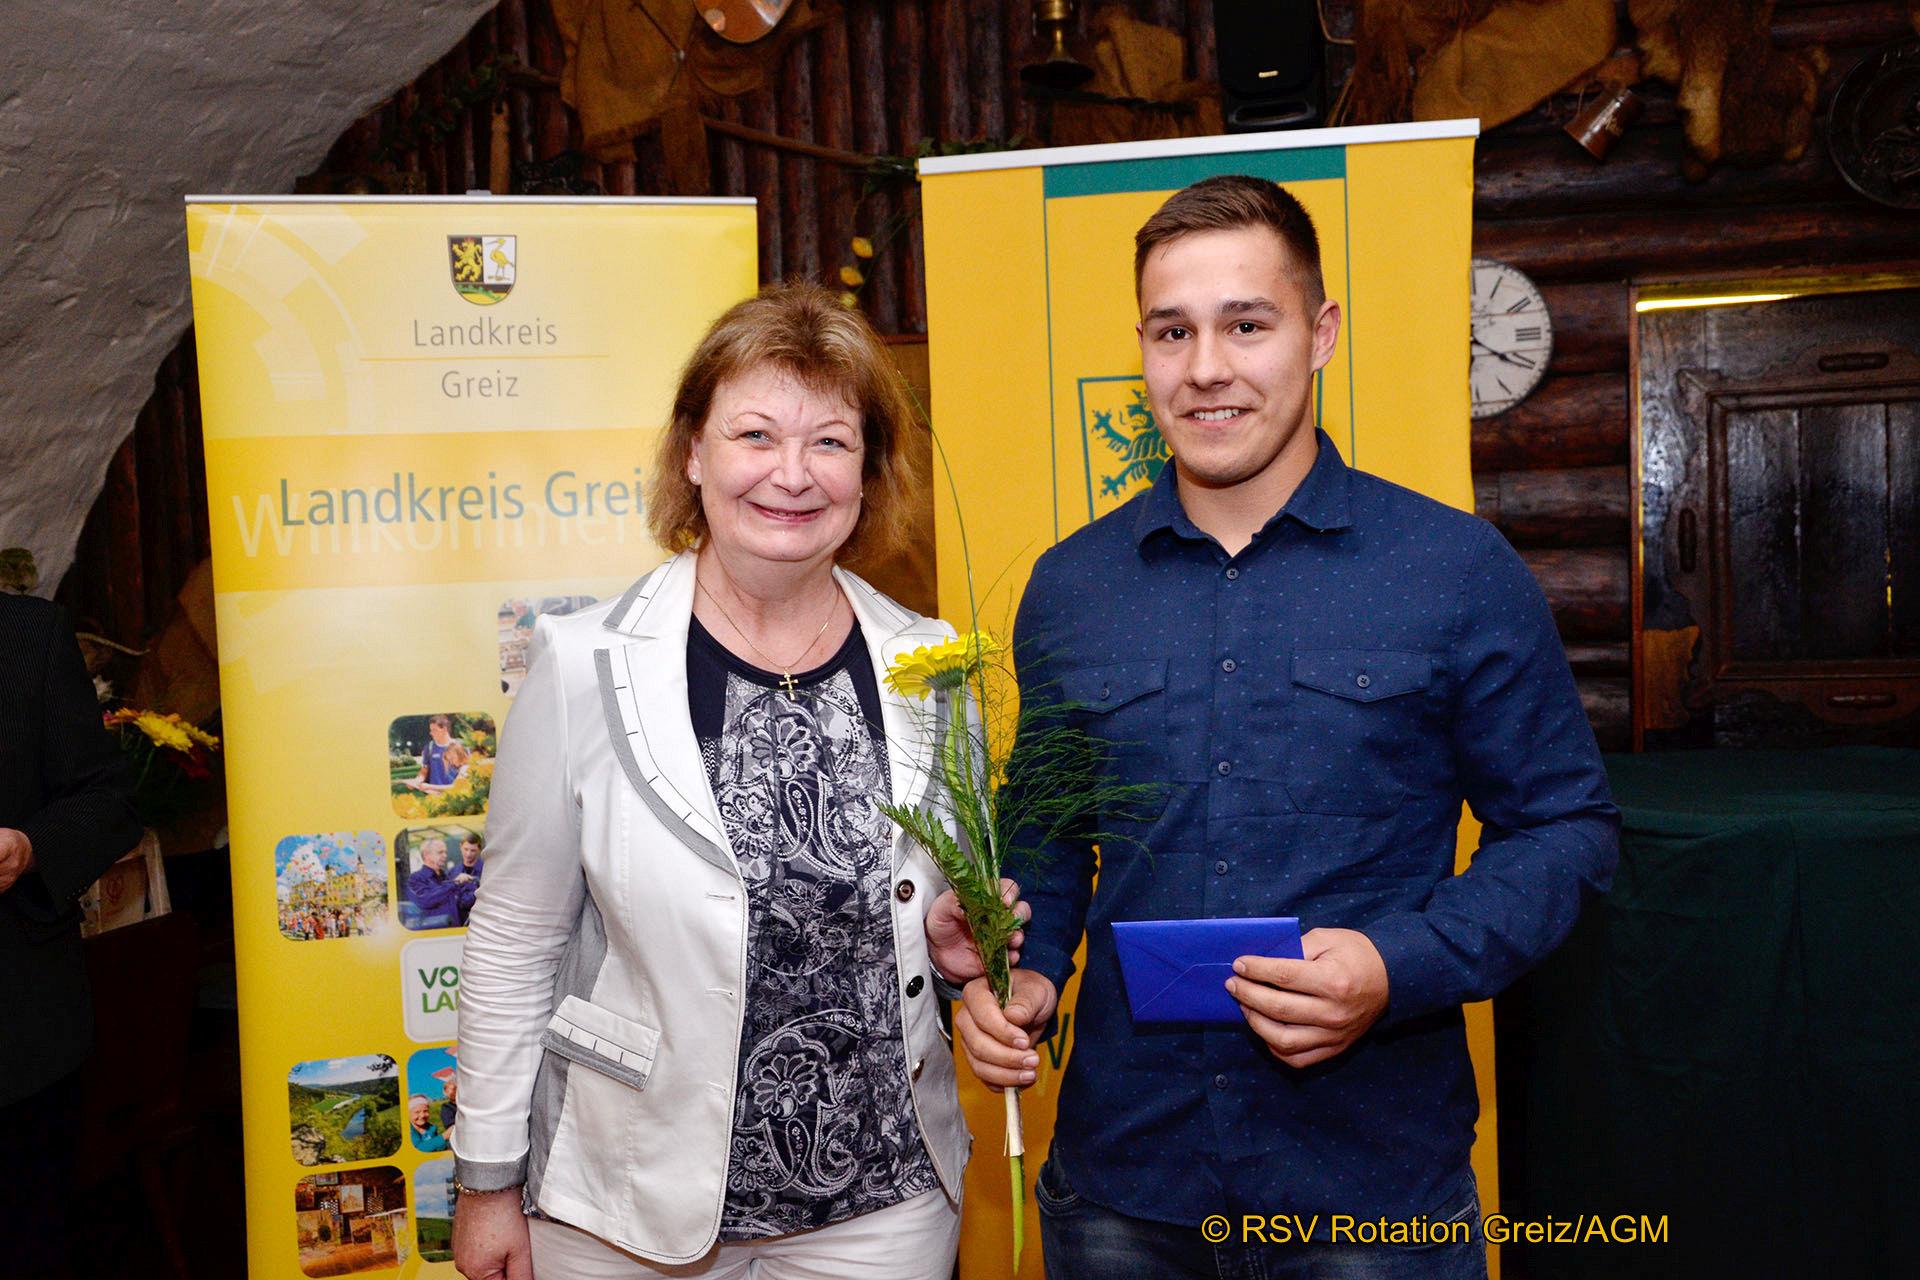 Johannes Krause gehörte zu den Ausgezeichneten der Meisterehrung des Sports, die am Freitag auf der Osterburg Weida durch Landrätin Martina Schweinsburg stattfand.